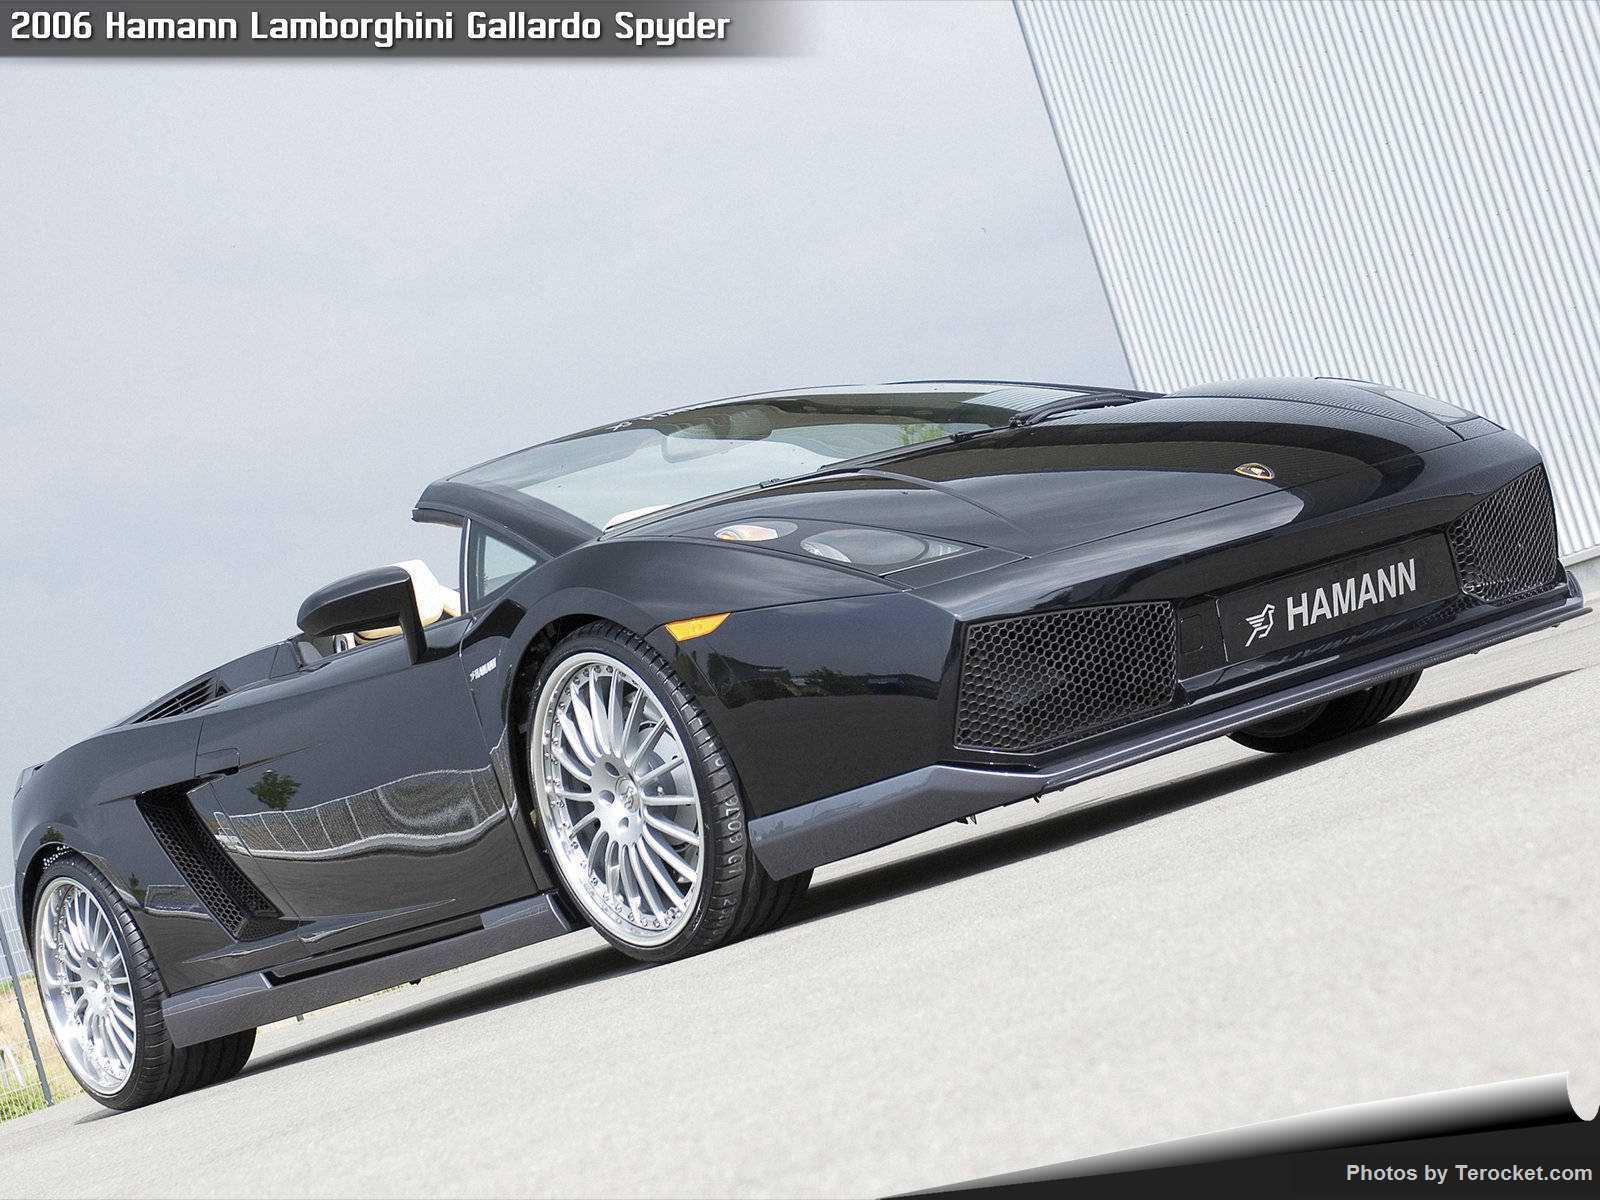 Hình ảnh xe ô tô Hamann Lamborghini Gallardo Spyder 2006 & nội ngoại thất